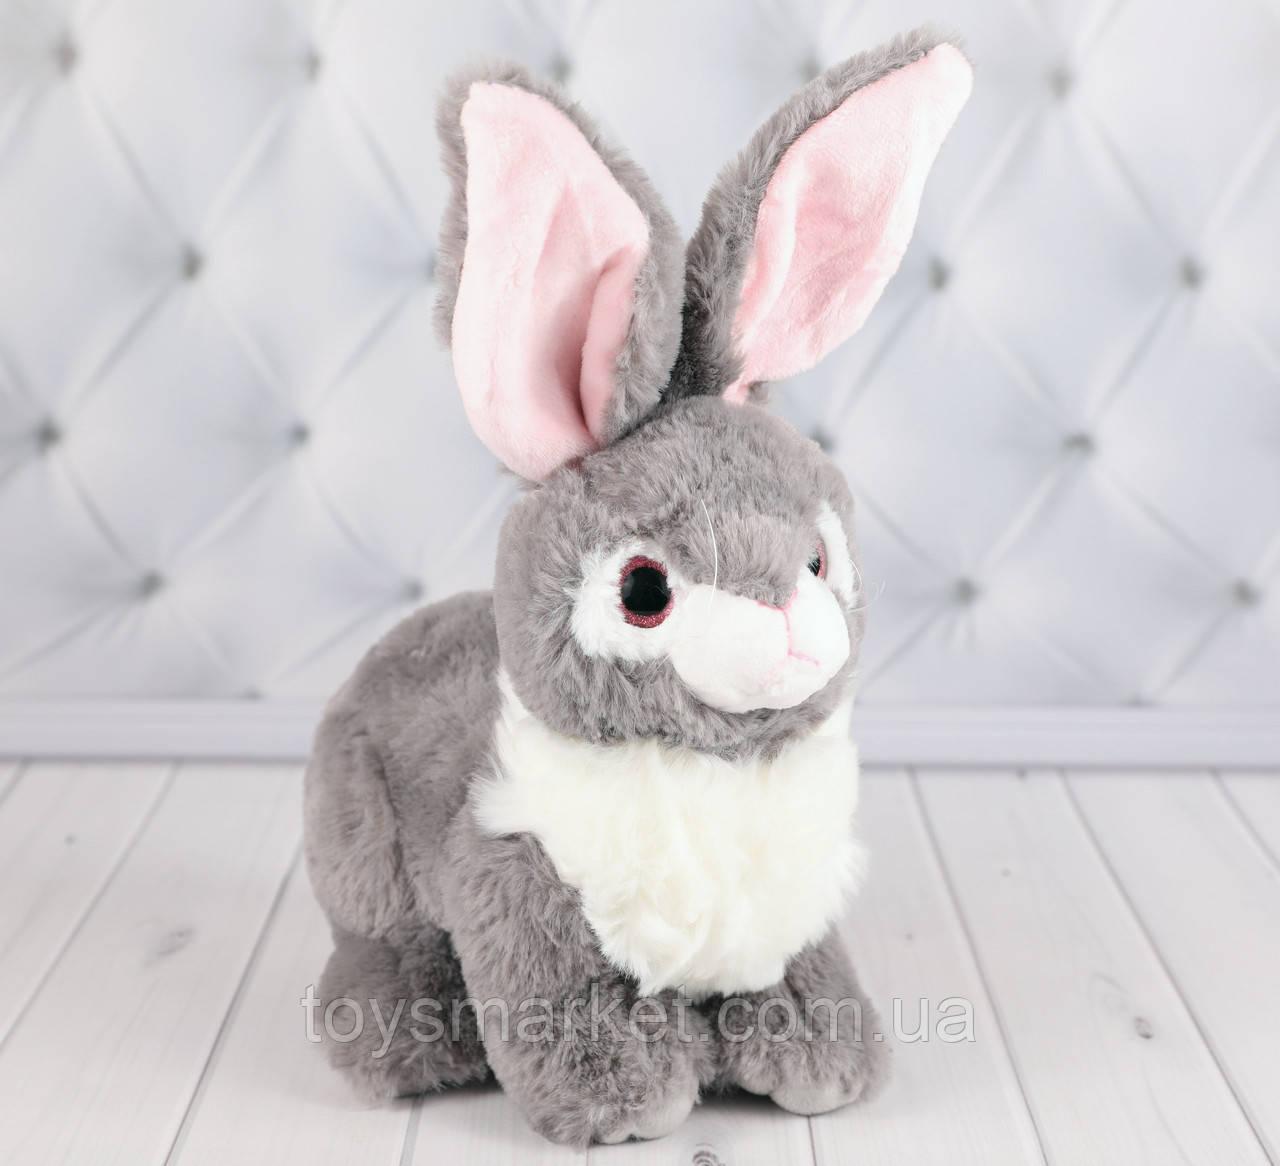 Мягкая игрушка зайка Пушинка серый, плюшевый зайка 20 см.